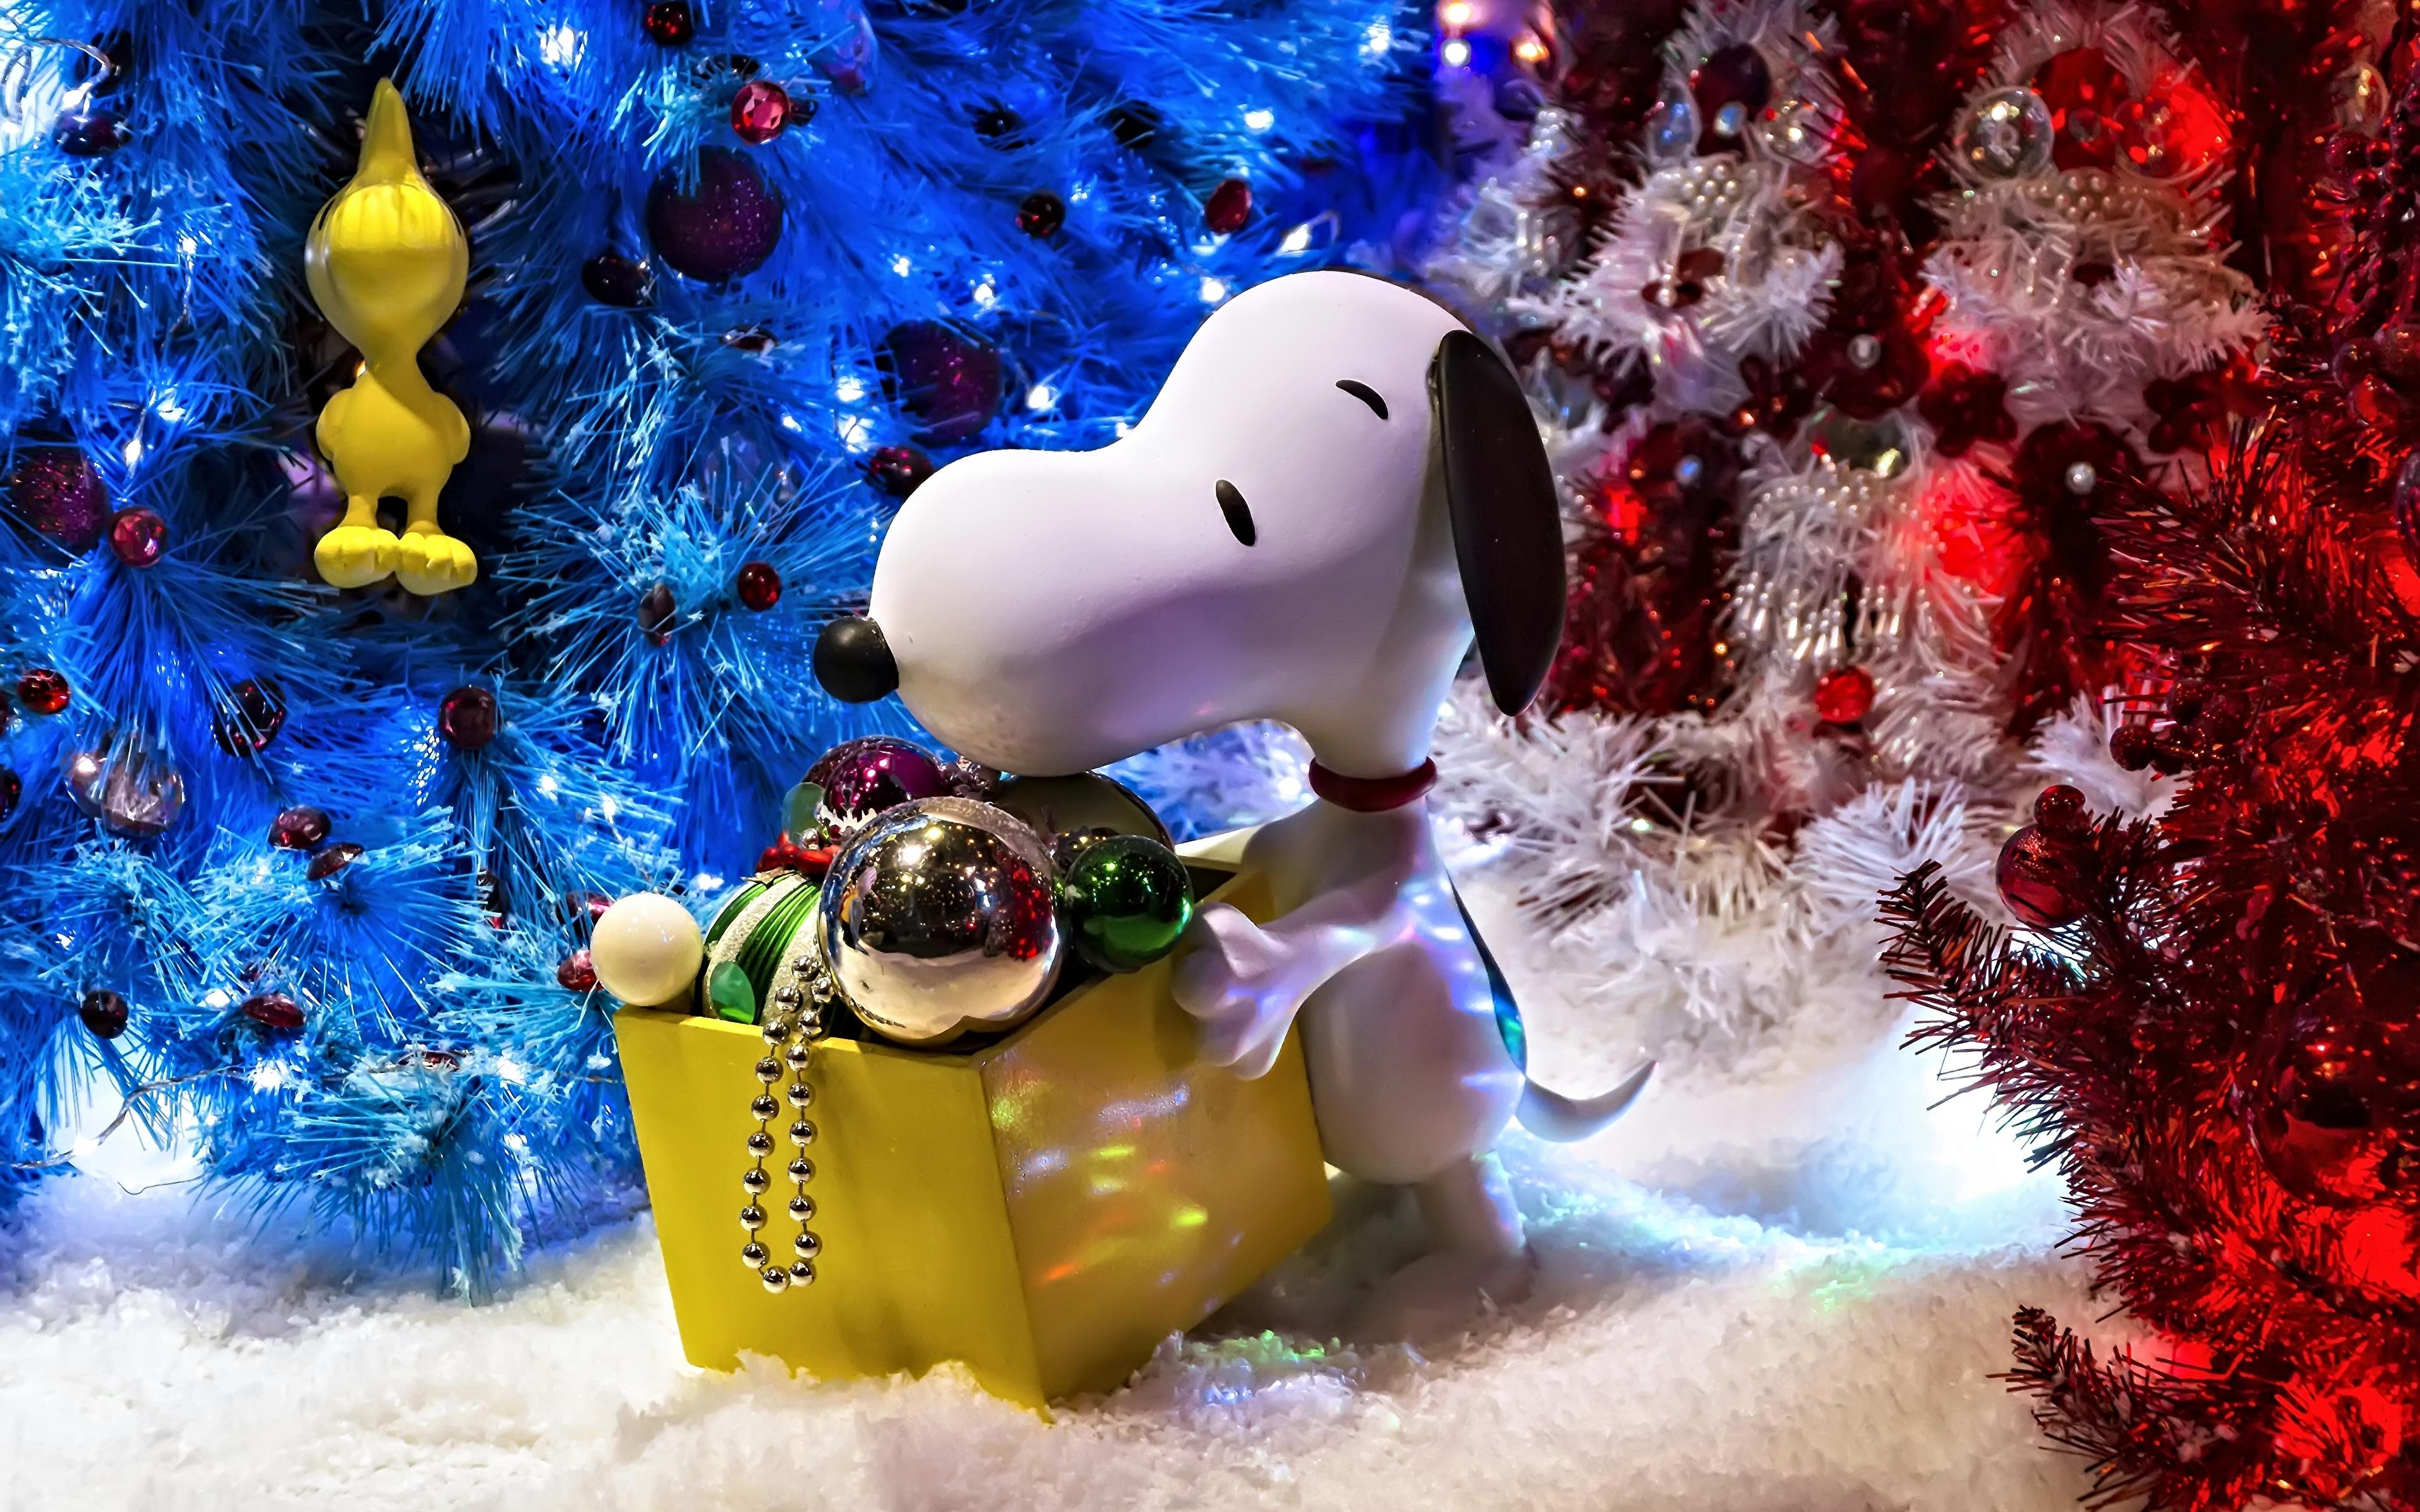 壁紙 3840x2400 玩具 新年 イヌ 祝日 Snoopy クリスマスツリー